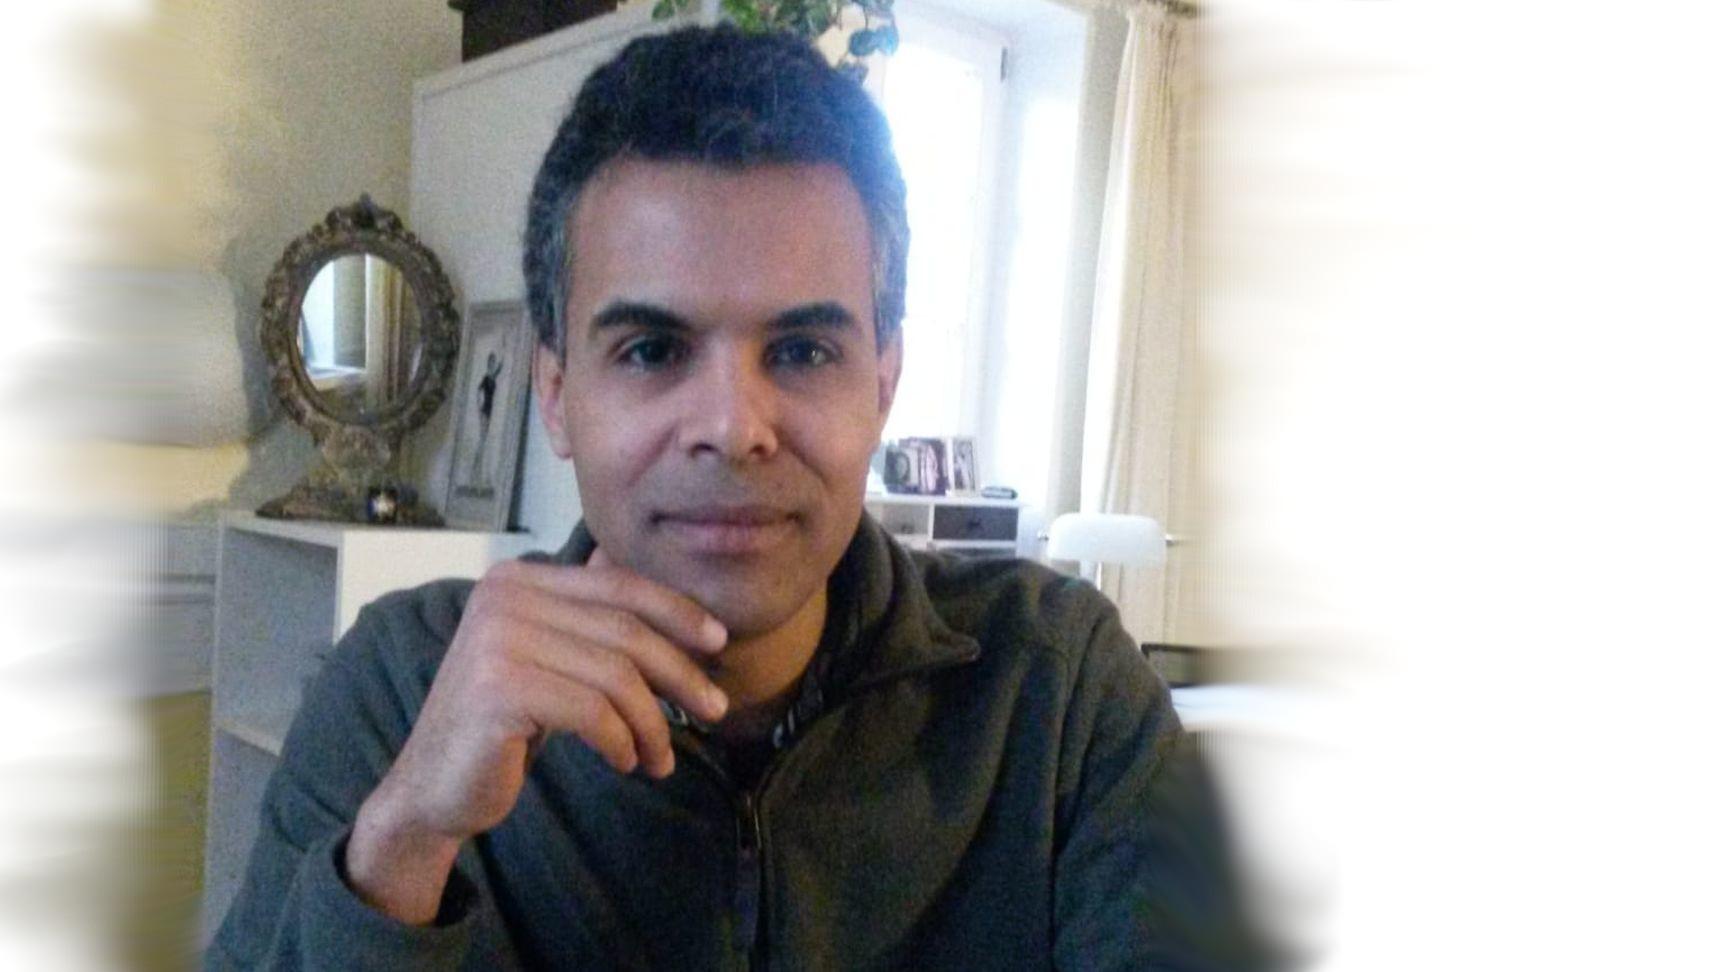 Hicham Elmadkouri